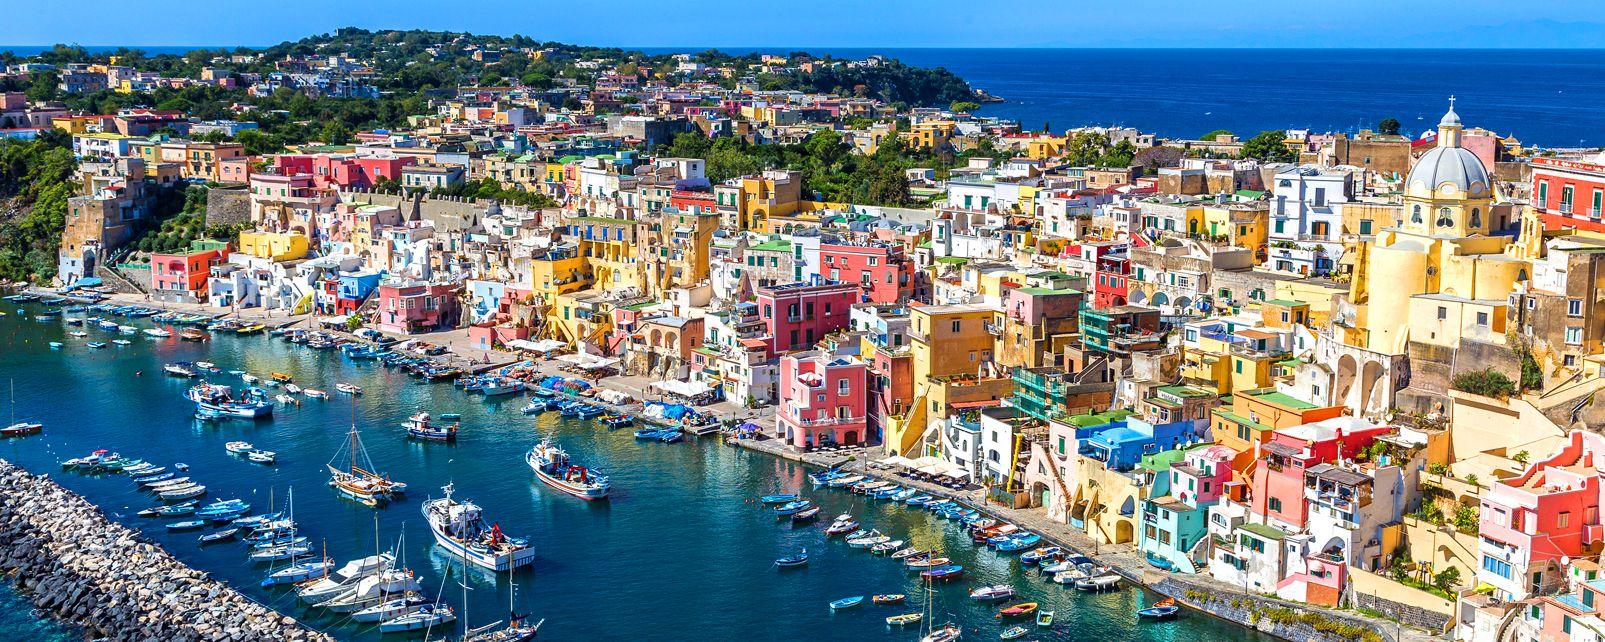 L'Isola di Procida e l'Isola di Vivara, le Isole del Golfo di Napoli